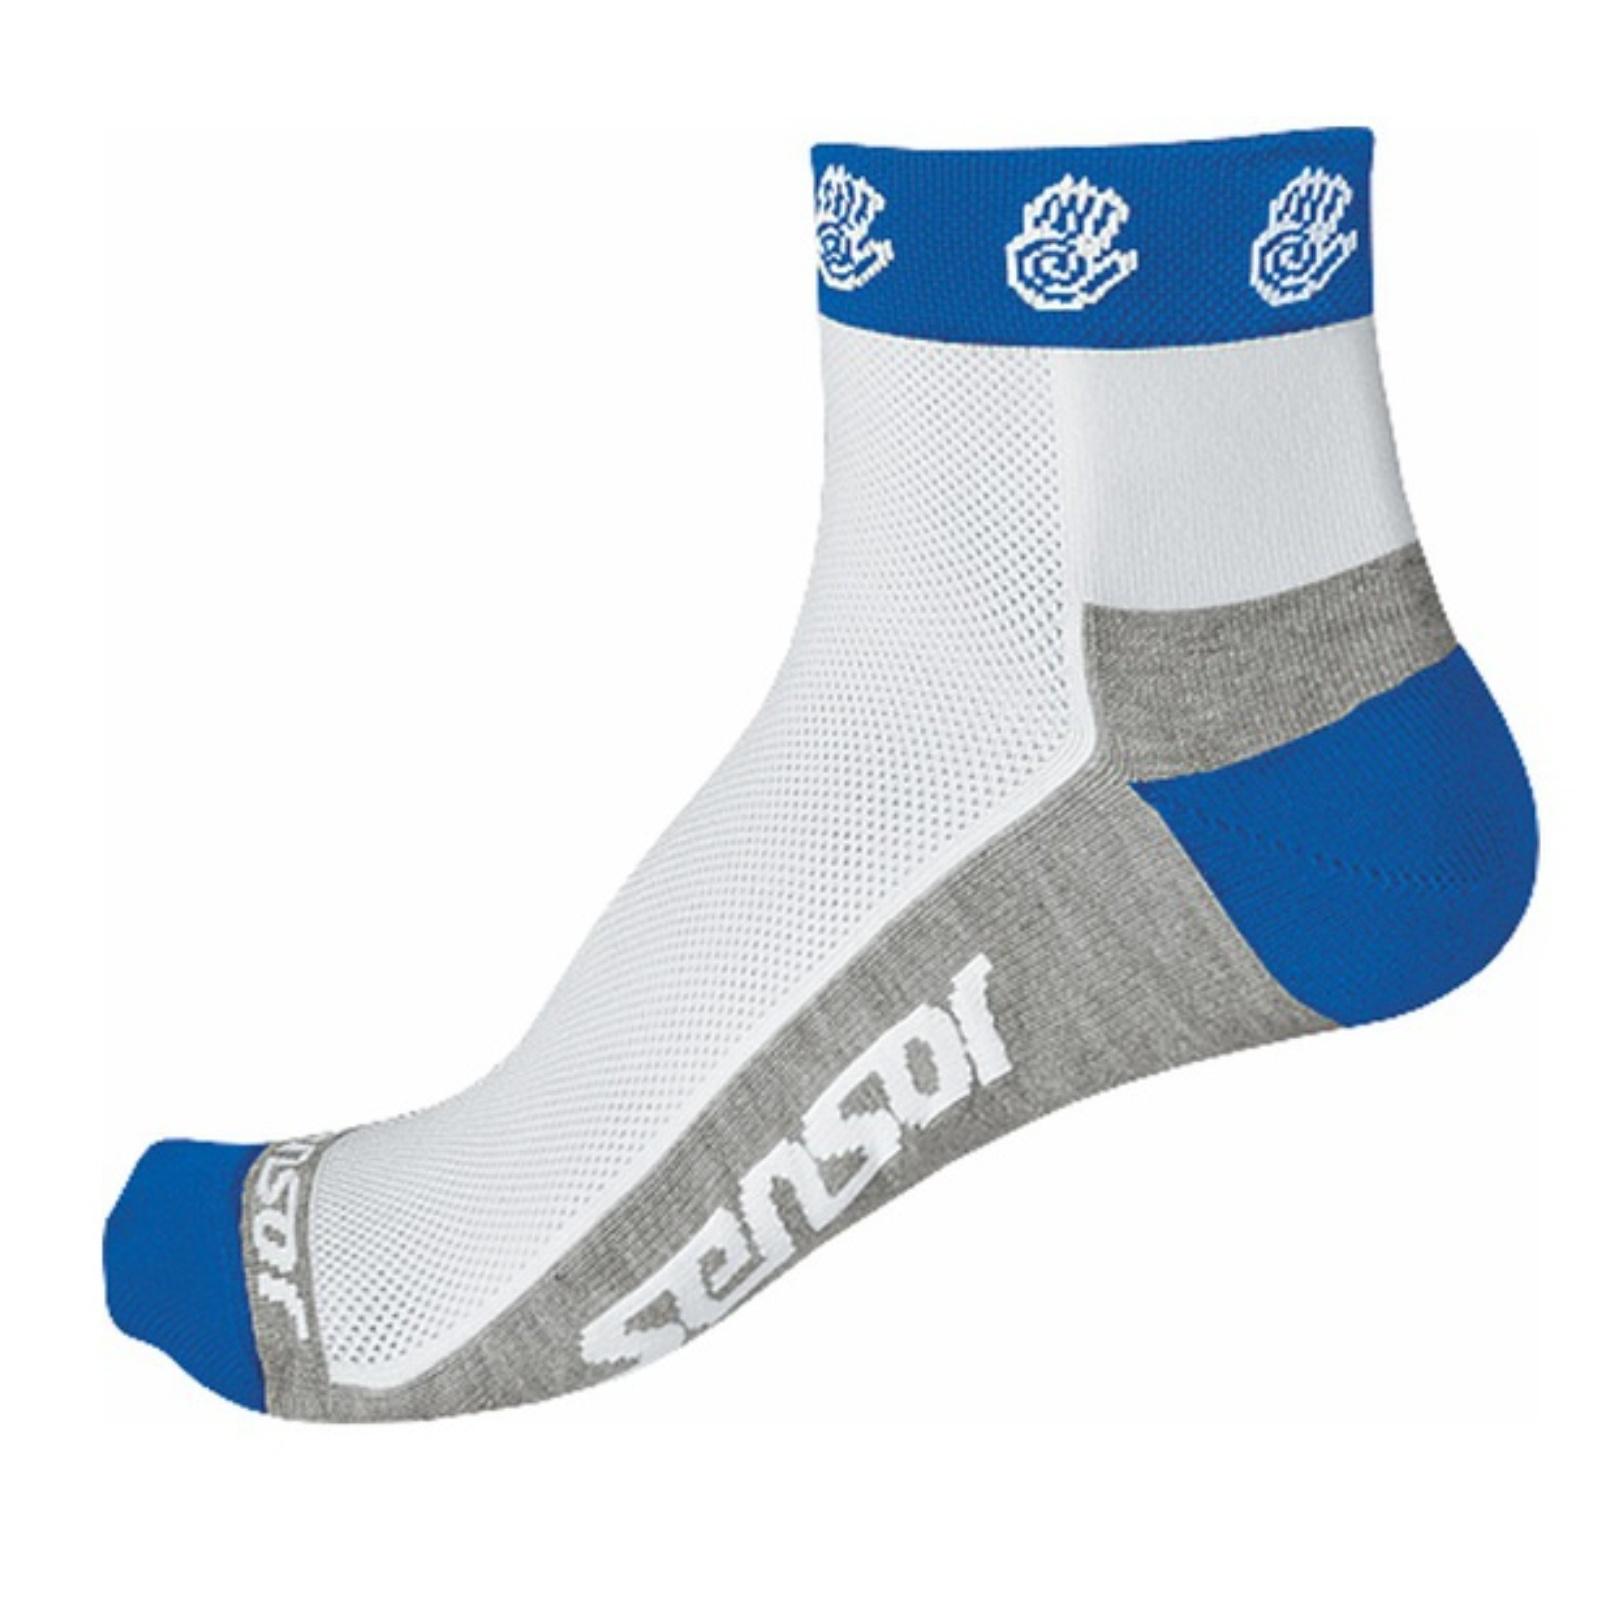 Ponožky SENSOR Race Lite Ručičky modré vel. 6-8